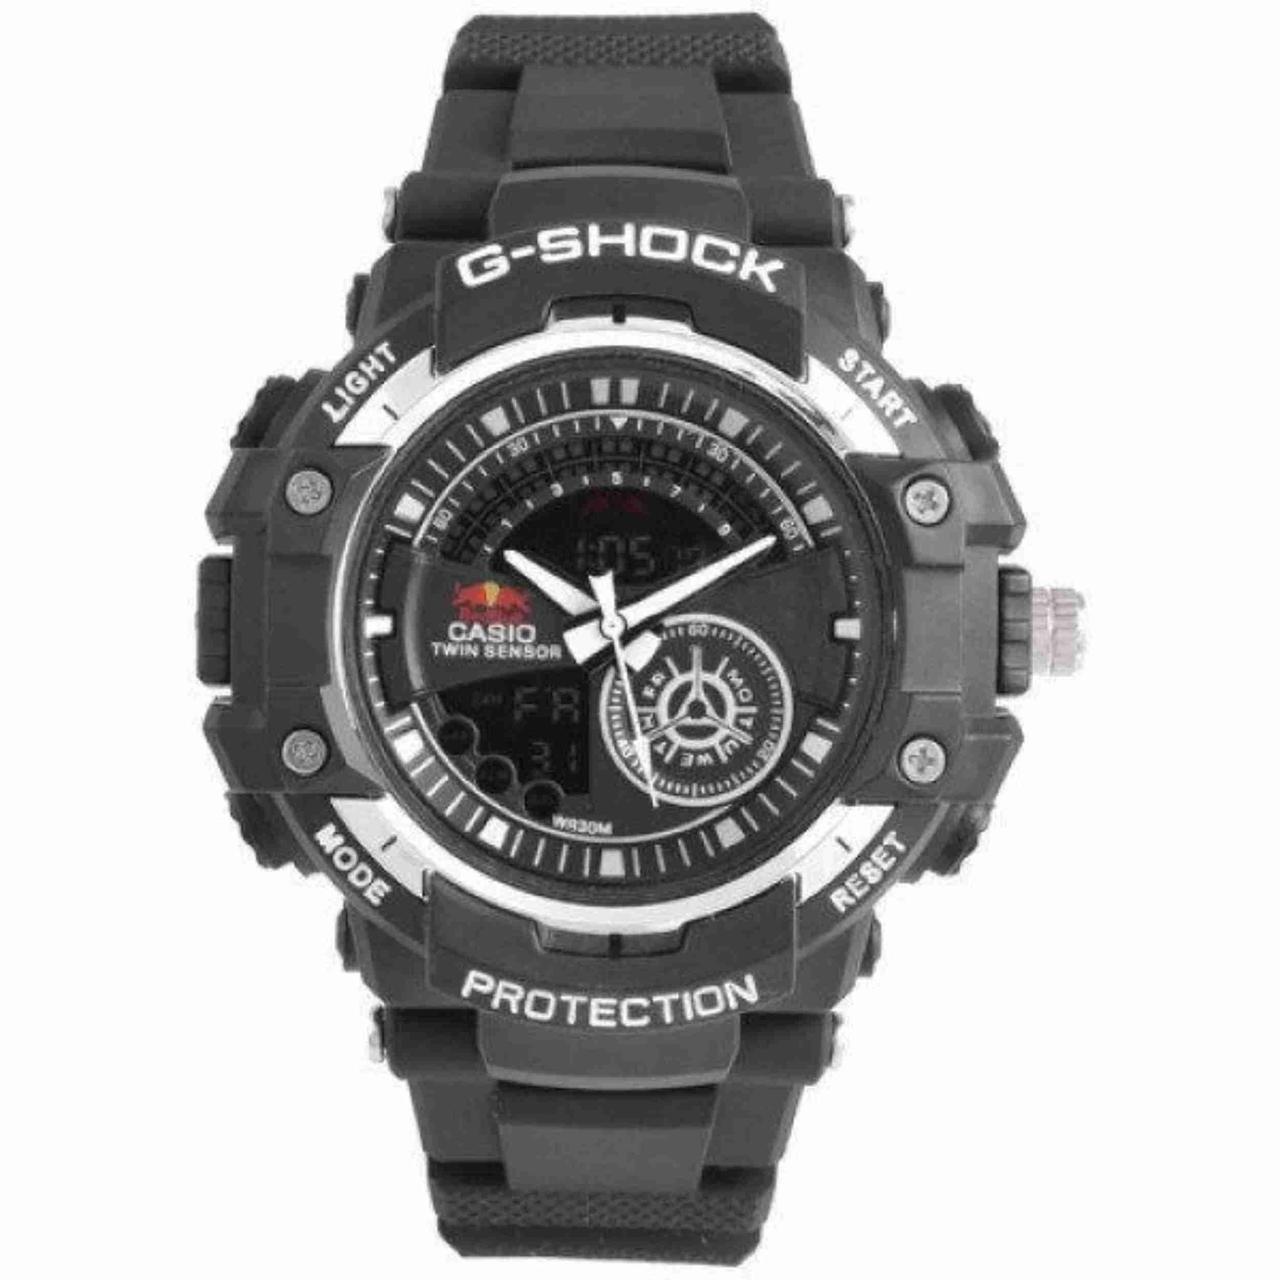 Часы G-SHOCK-3 ЧЕРНЫЕ-СЕРЕБРО Часы мужские спортивные водостойкие G-SHOCK Casio (Касио), цвет черный